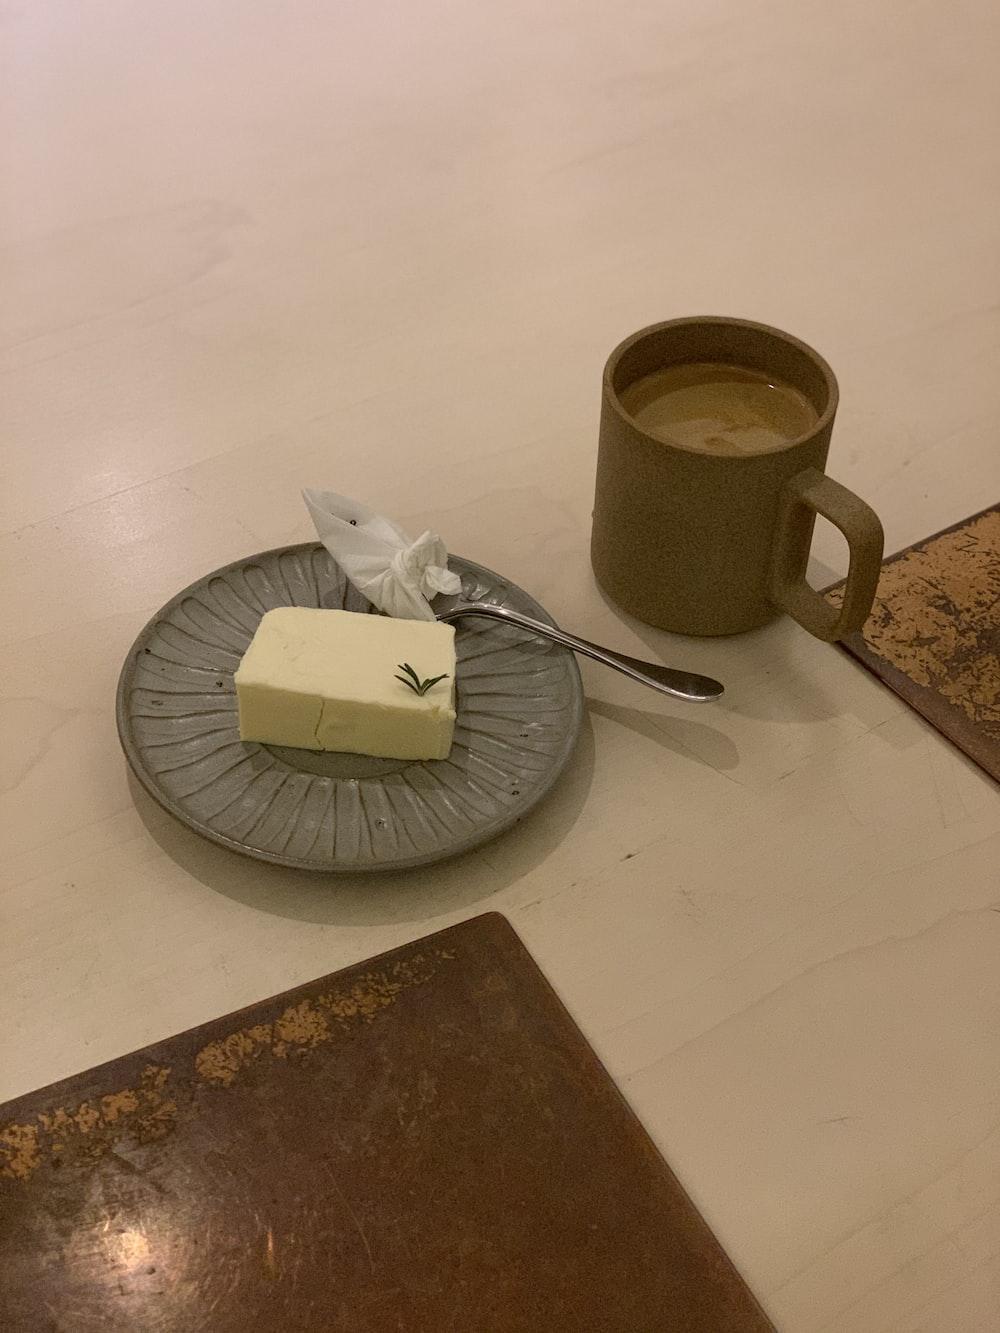 stainless steel fork beside white ceramic mug on brown wooden table